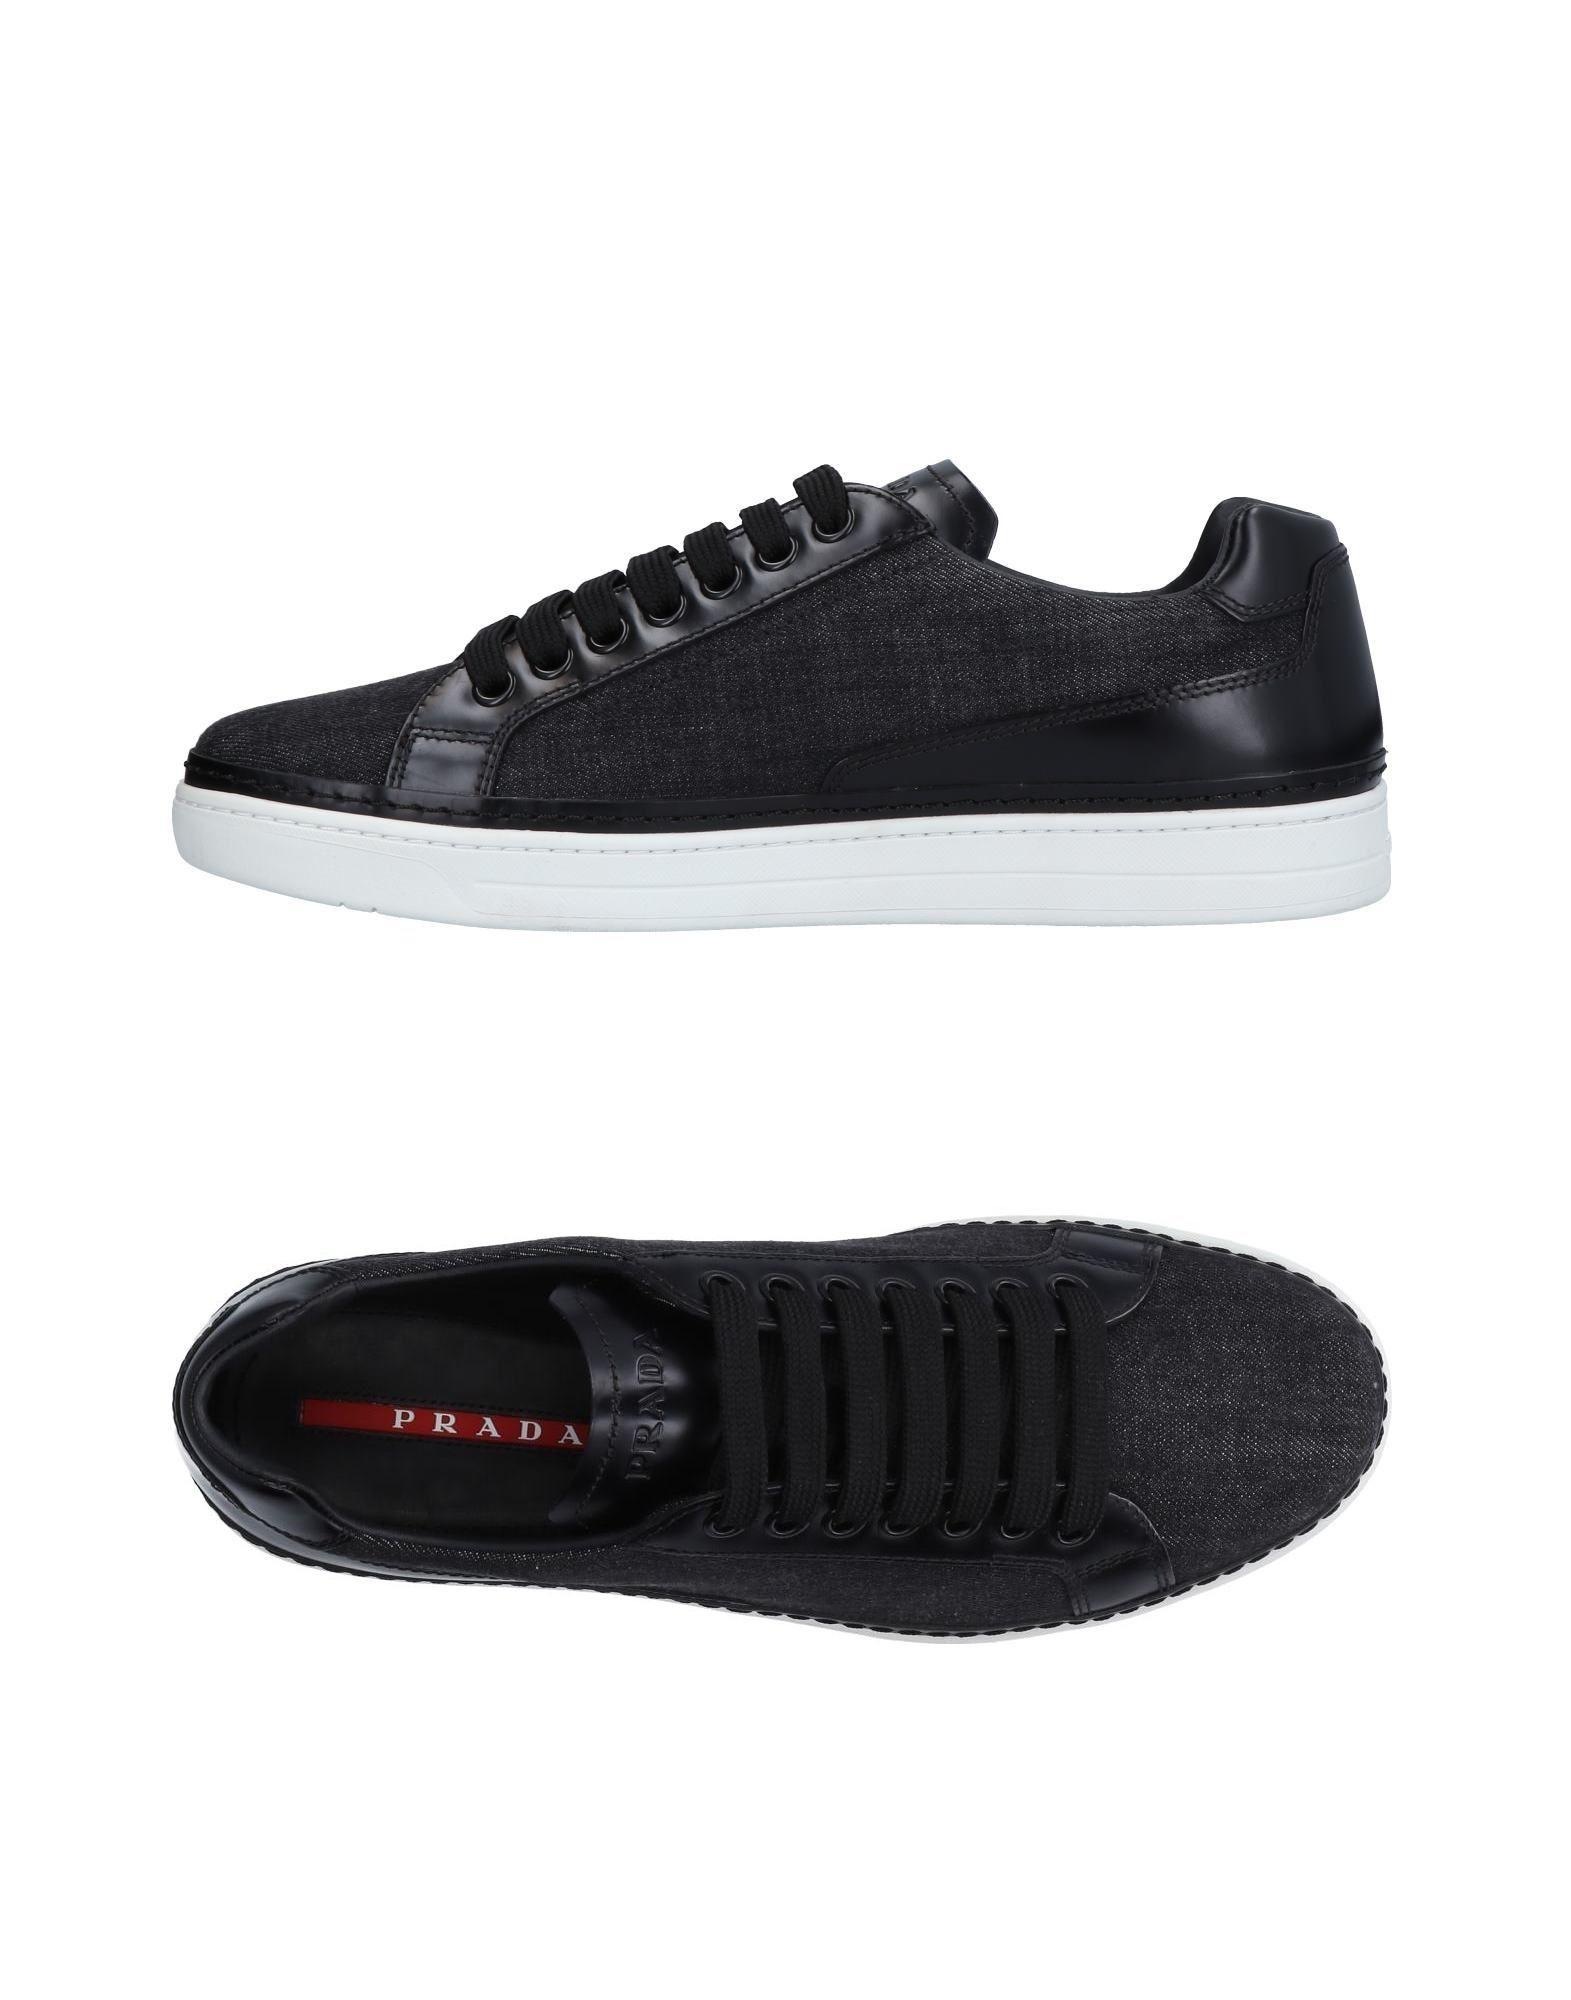 Prada Sport Sneakers Herren beliebte  11511753OK Gute Qualität beliebte Herren Schuhe 78b98d